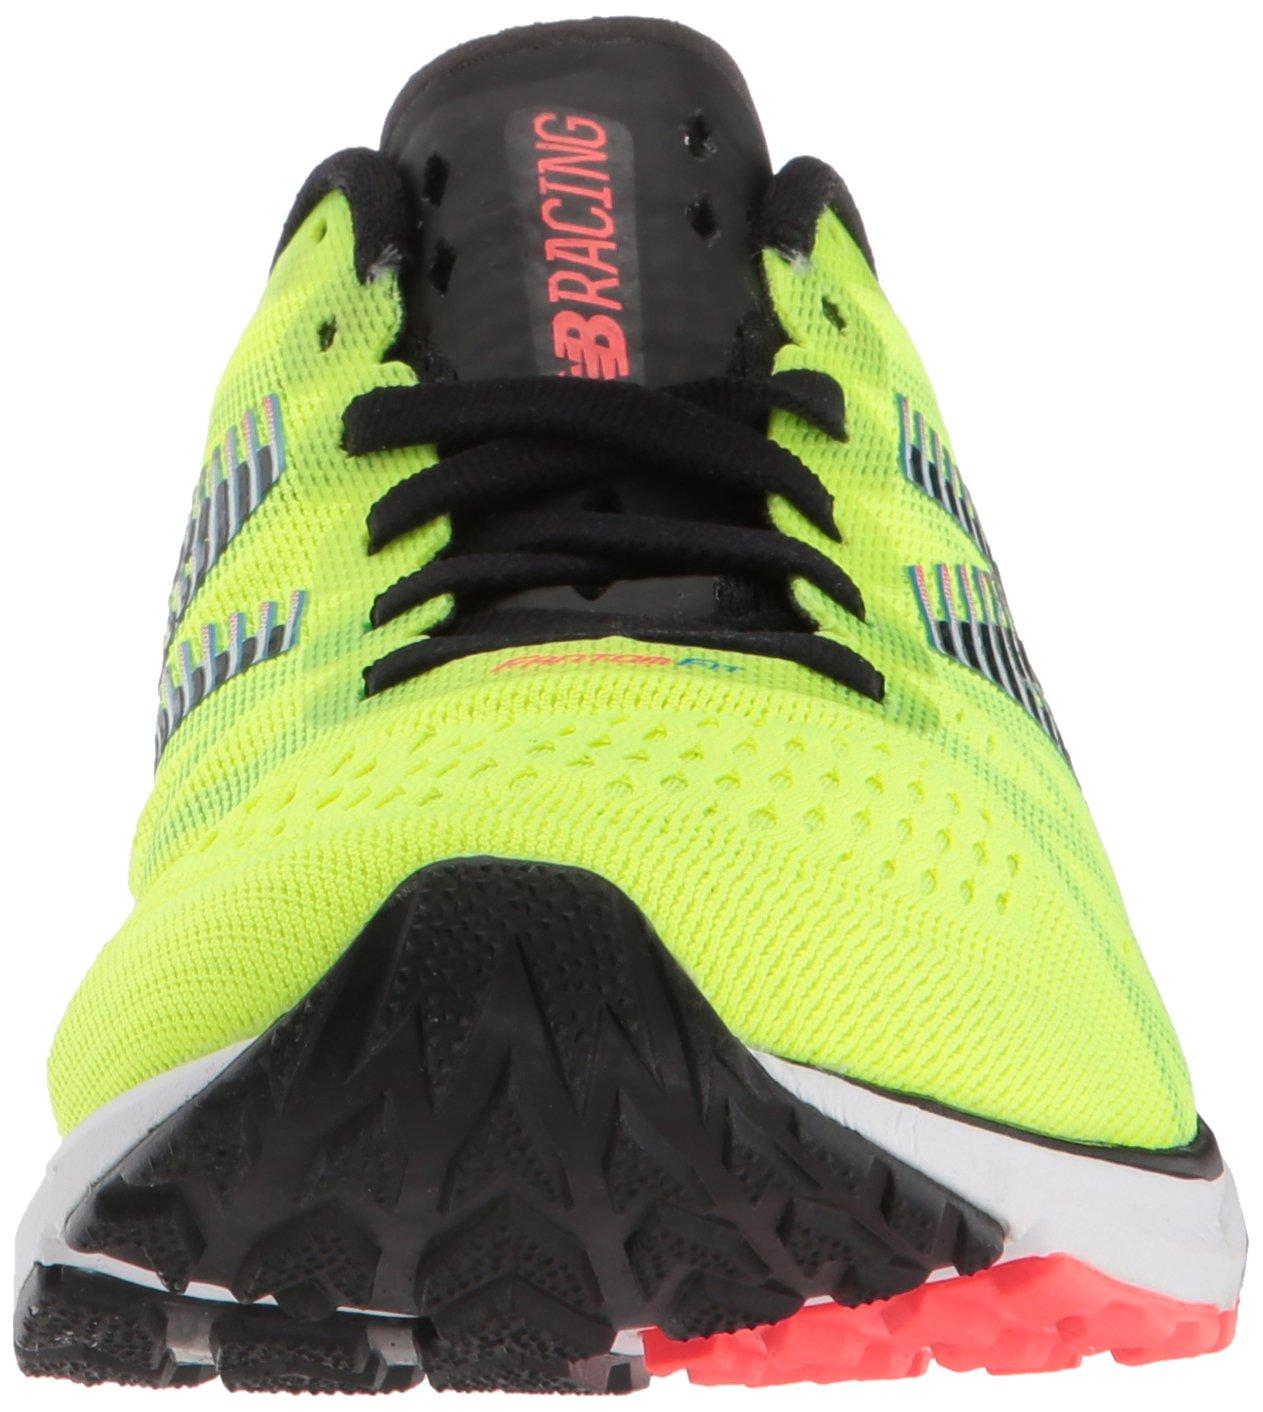 New B06XS9NDTX Balance Women's 1500v4 Running Shoe B06XS9NDTX New 85 D US|Hi Lite/Black a7d045